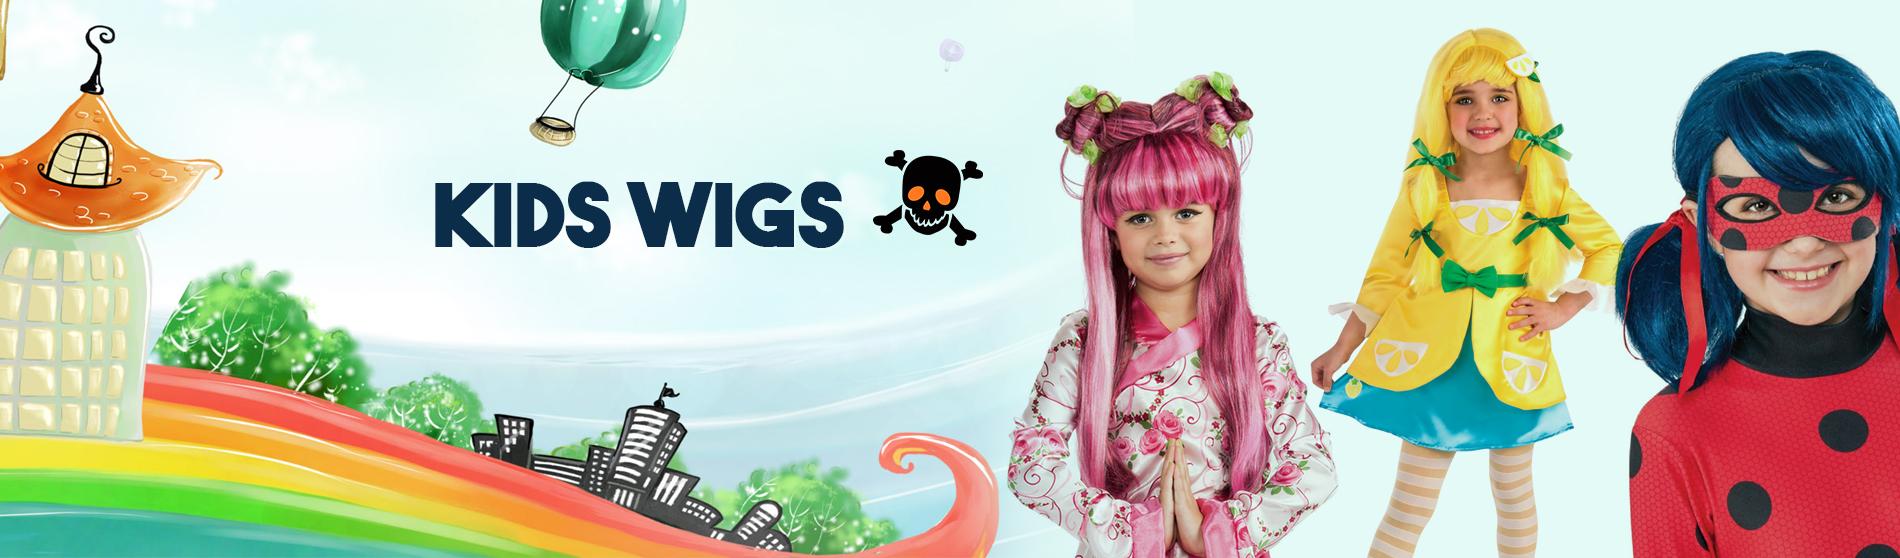 kids-wigs